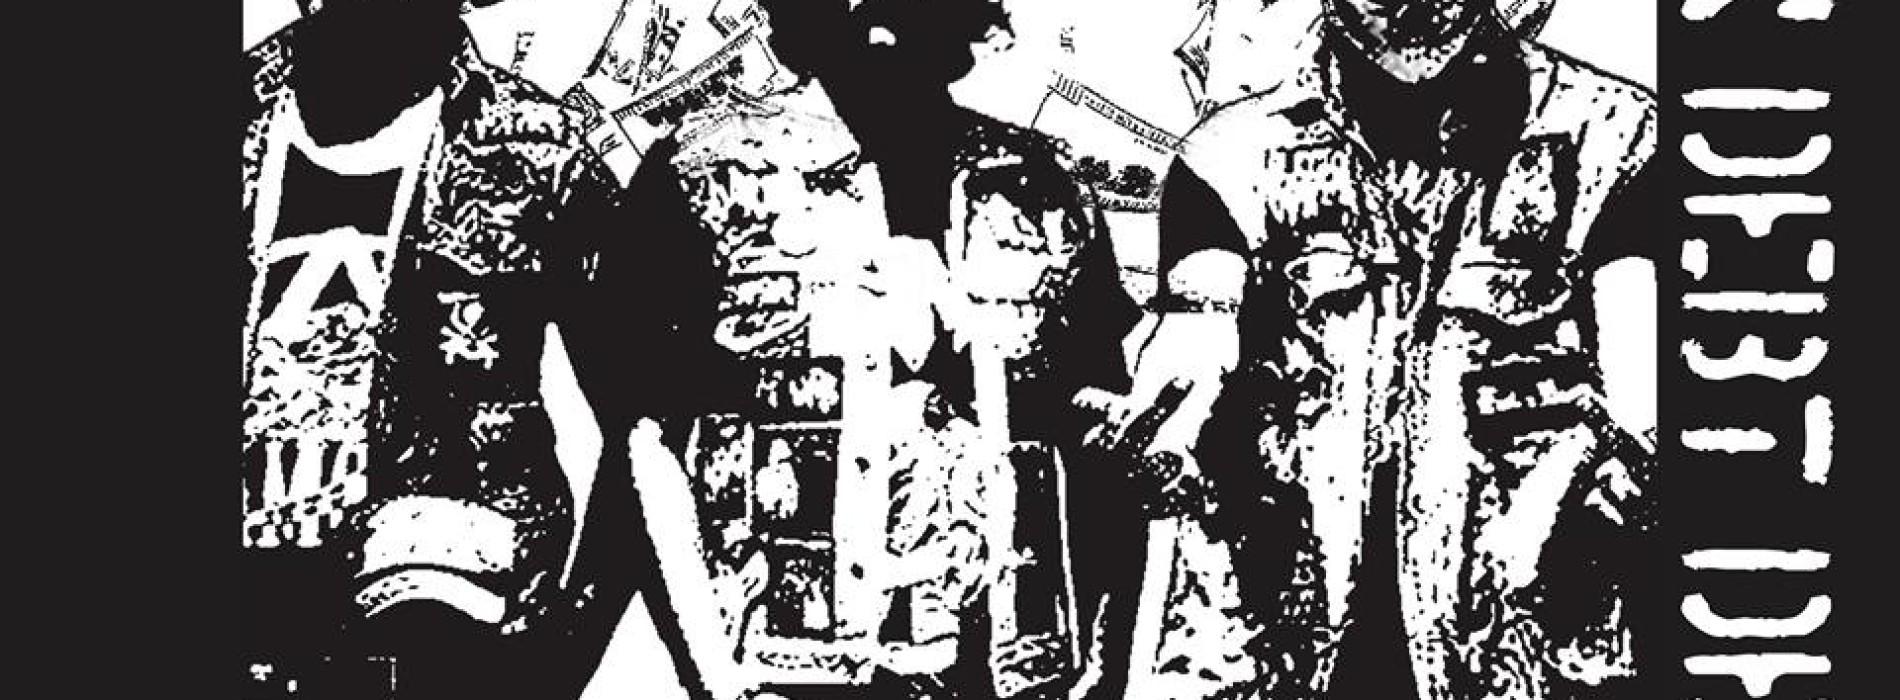 We've Got A New Death Thrash Band Sri Lanka